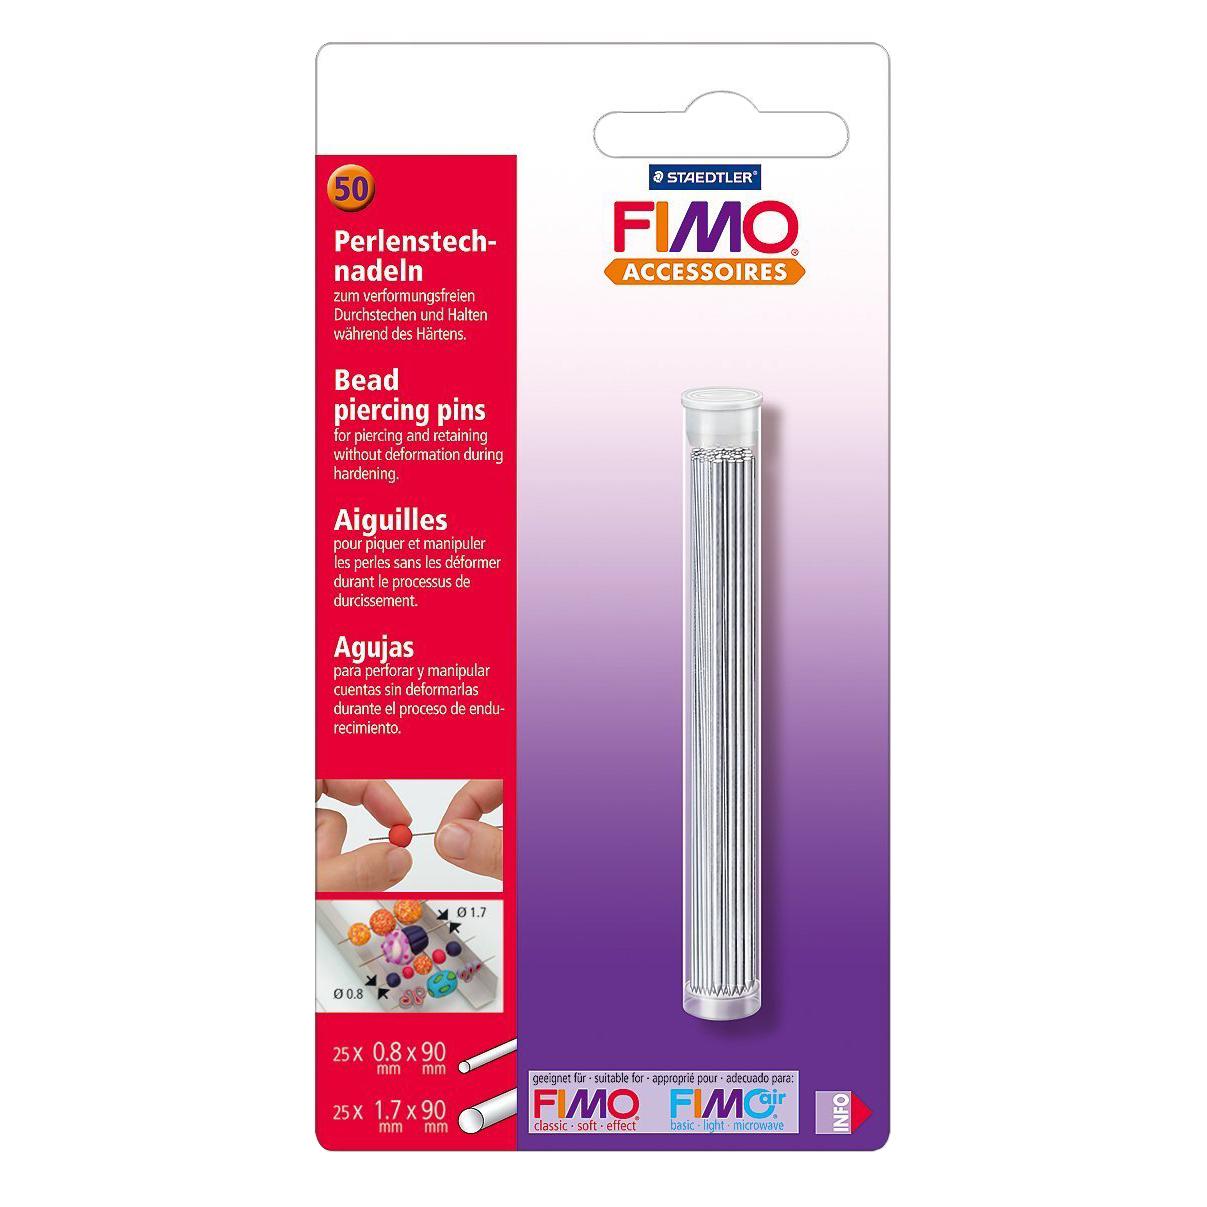 Ace de piercing pentru margele Fimo STH-8712-20